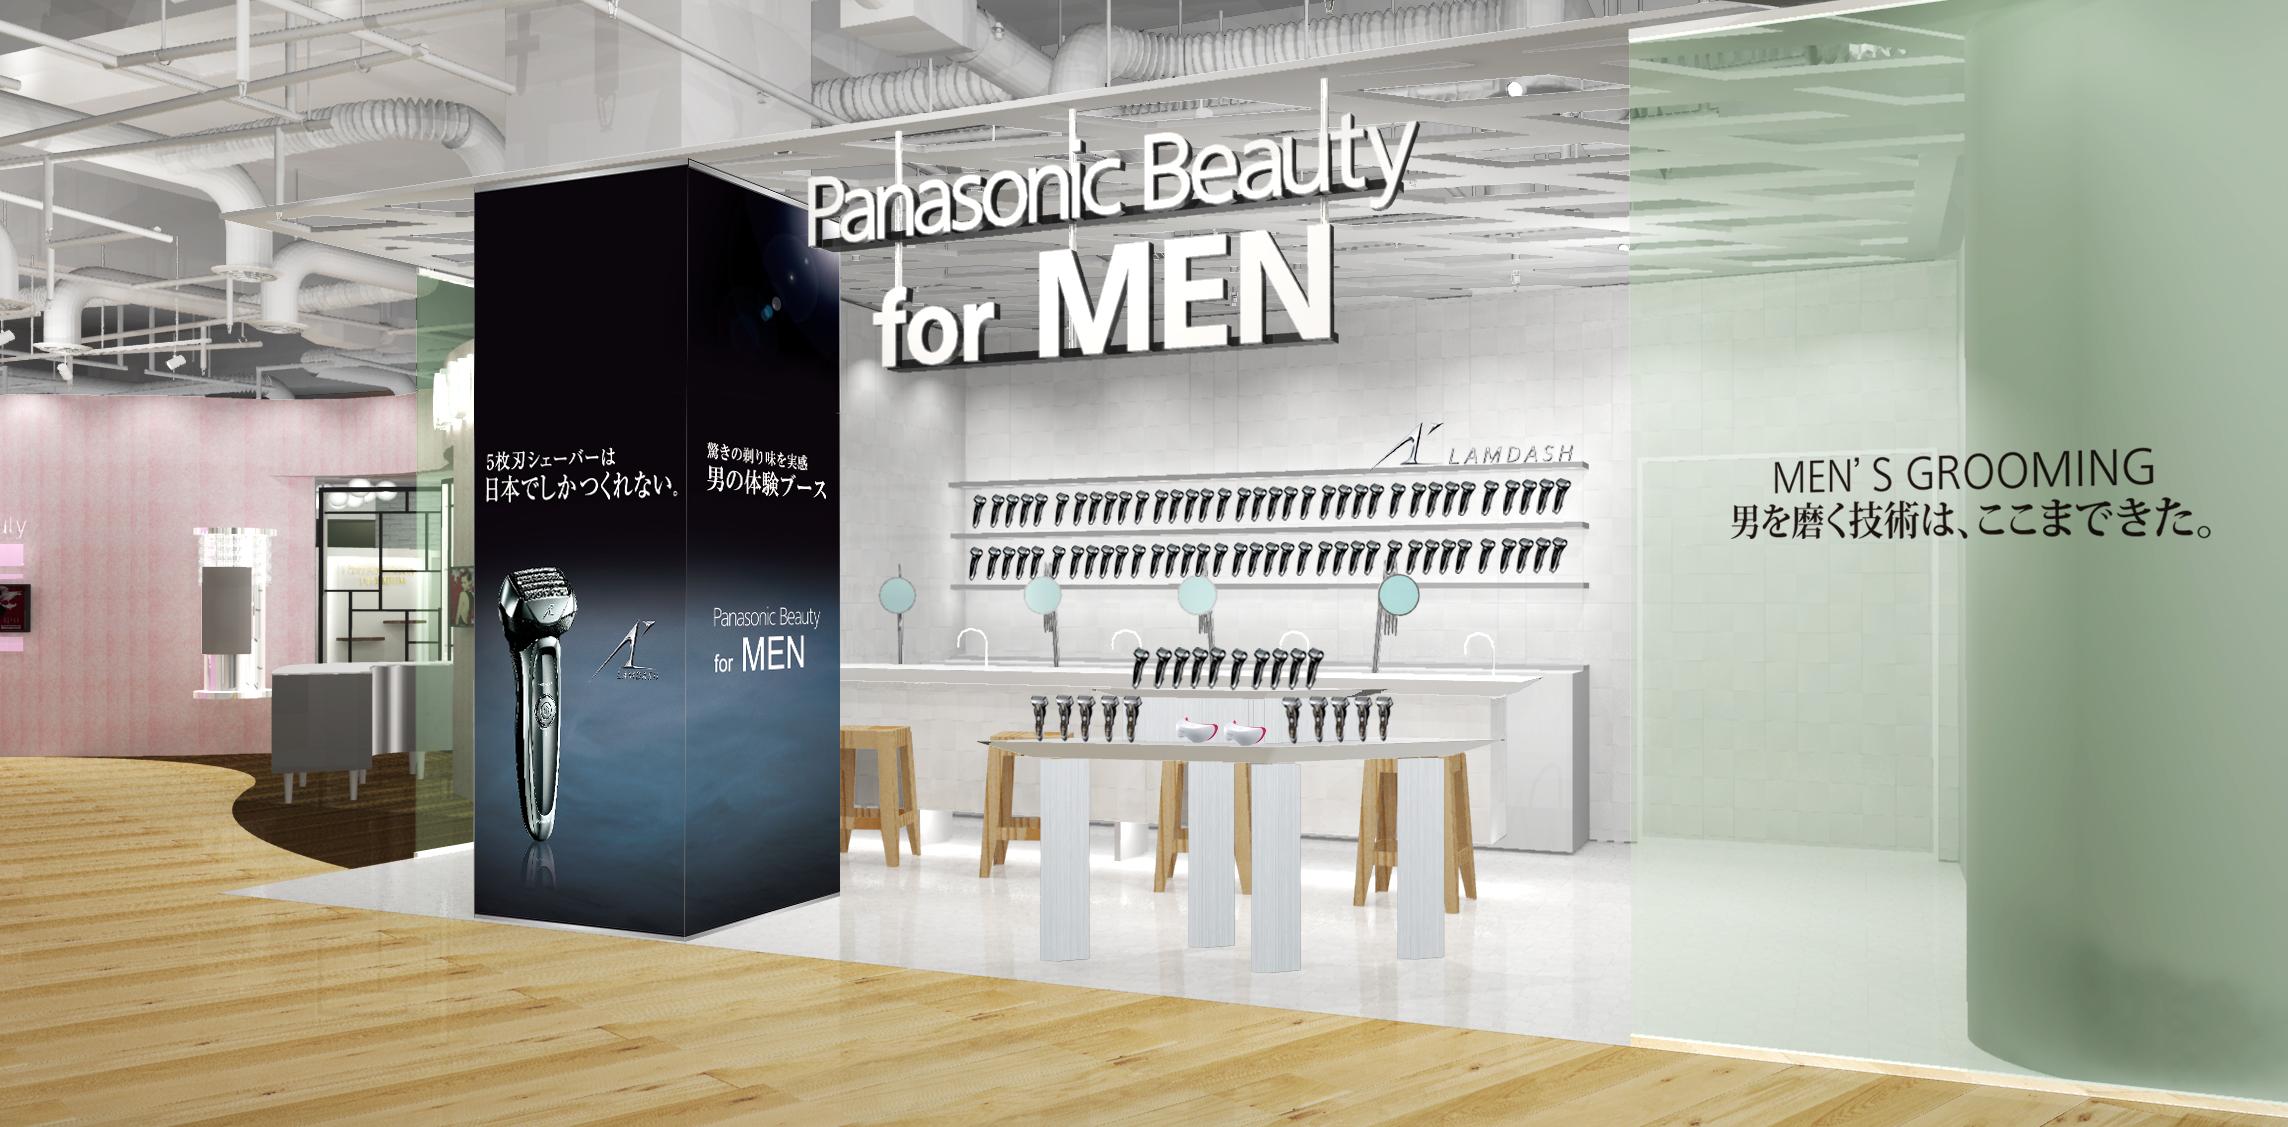 2階 LIFE STYLE Floor : Panasonic Beauty for MEN